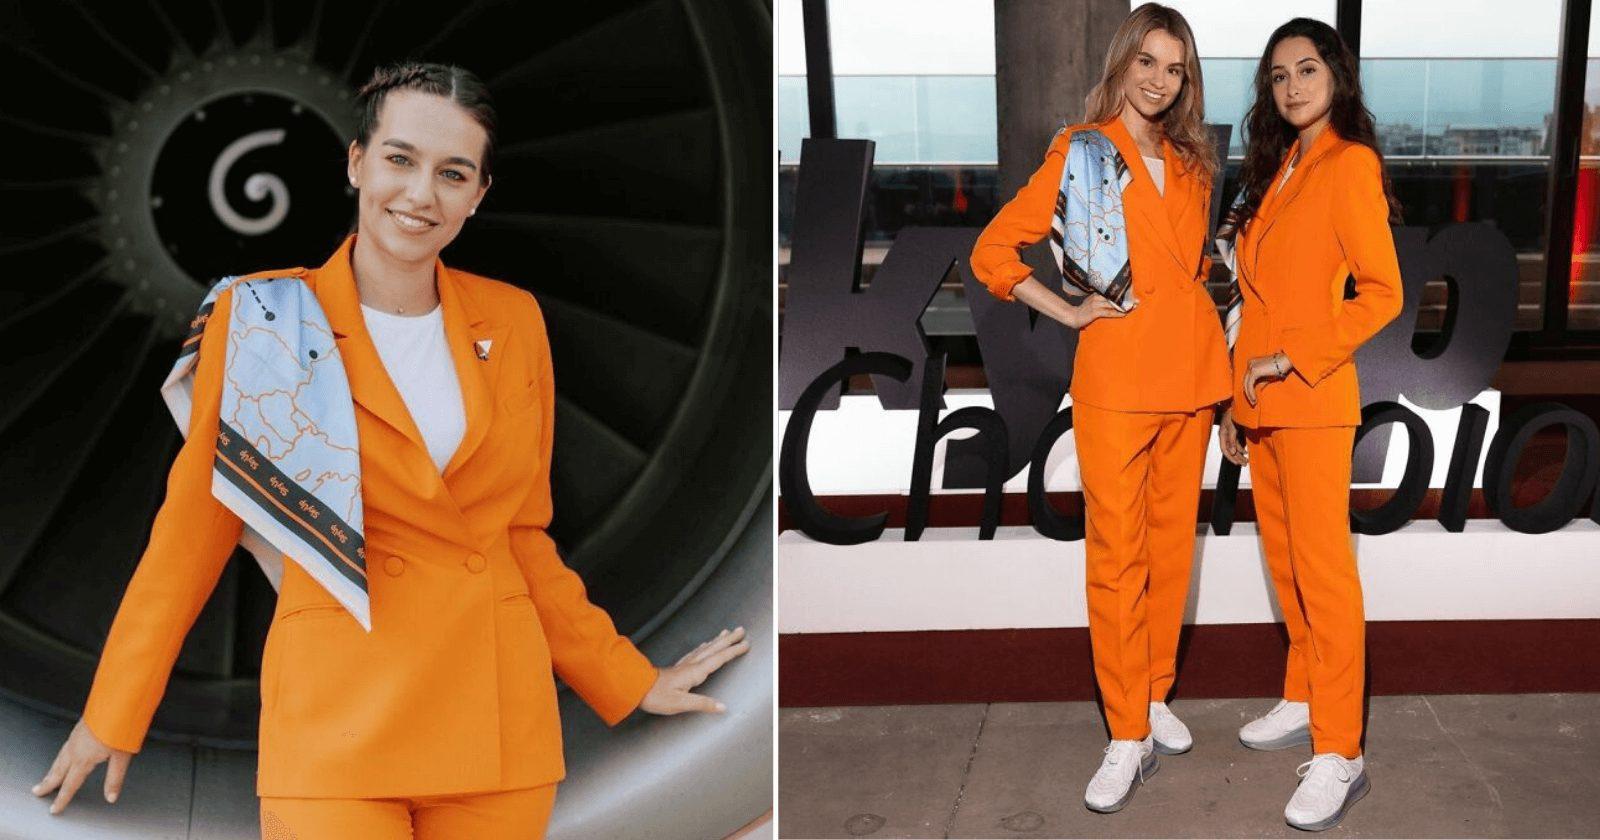 Companhia aérea quebra padrão e cria uniforme confortável para comissárias